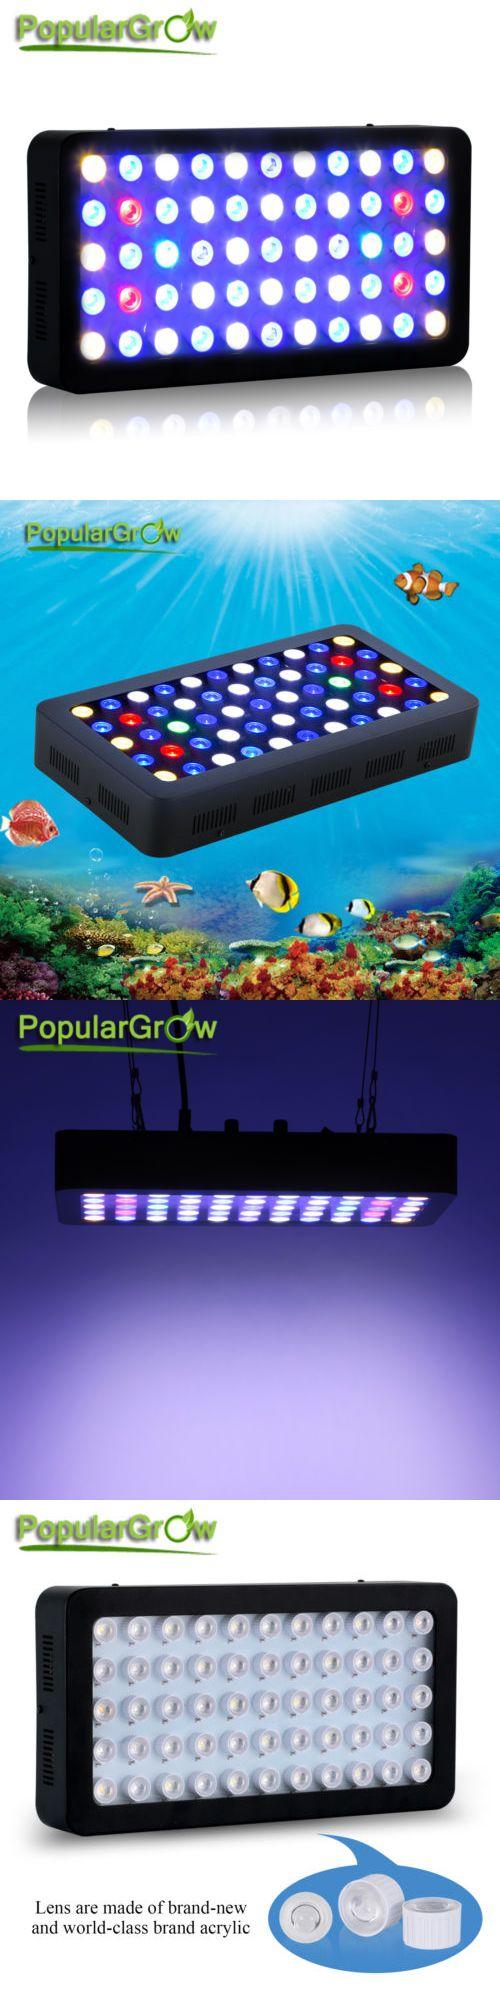 Buy fish for aquarium online bangalore - Other Fish And Aquarium Supplies 8444 Popularow 165w Dimmable Full Spectrum Led Aquarium Light Marine